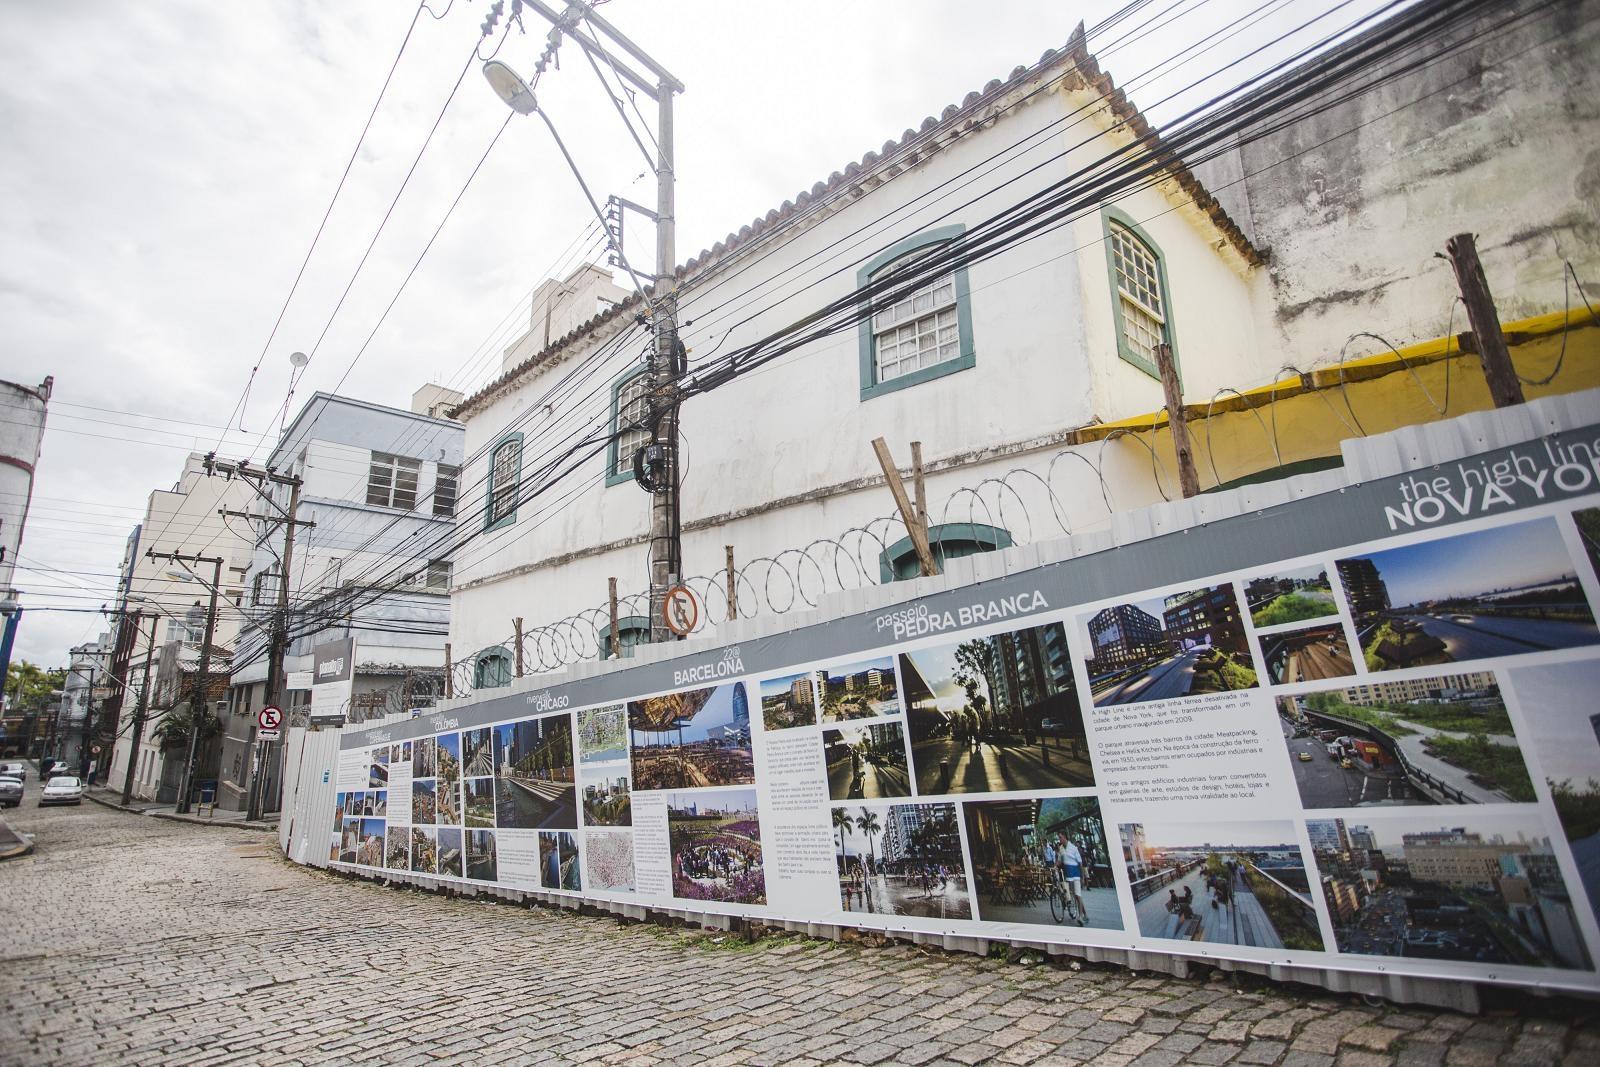 Projeto busca criar espaços públicos de qualidade, com a convivência de pessoas em prol da comunidade - Daniel Queiroz/ND